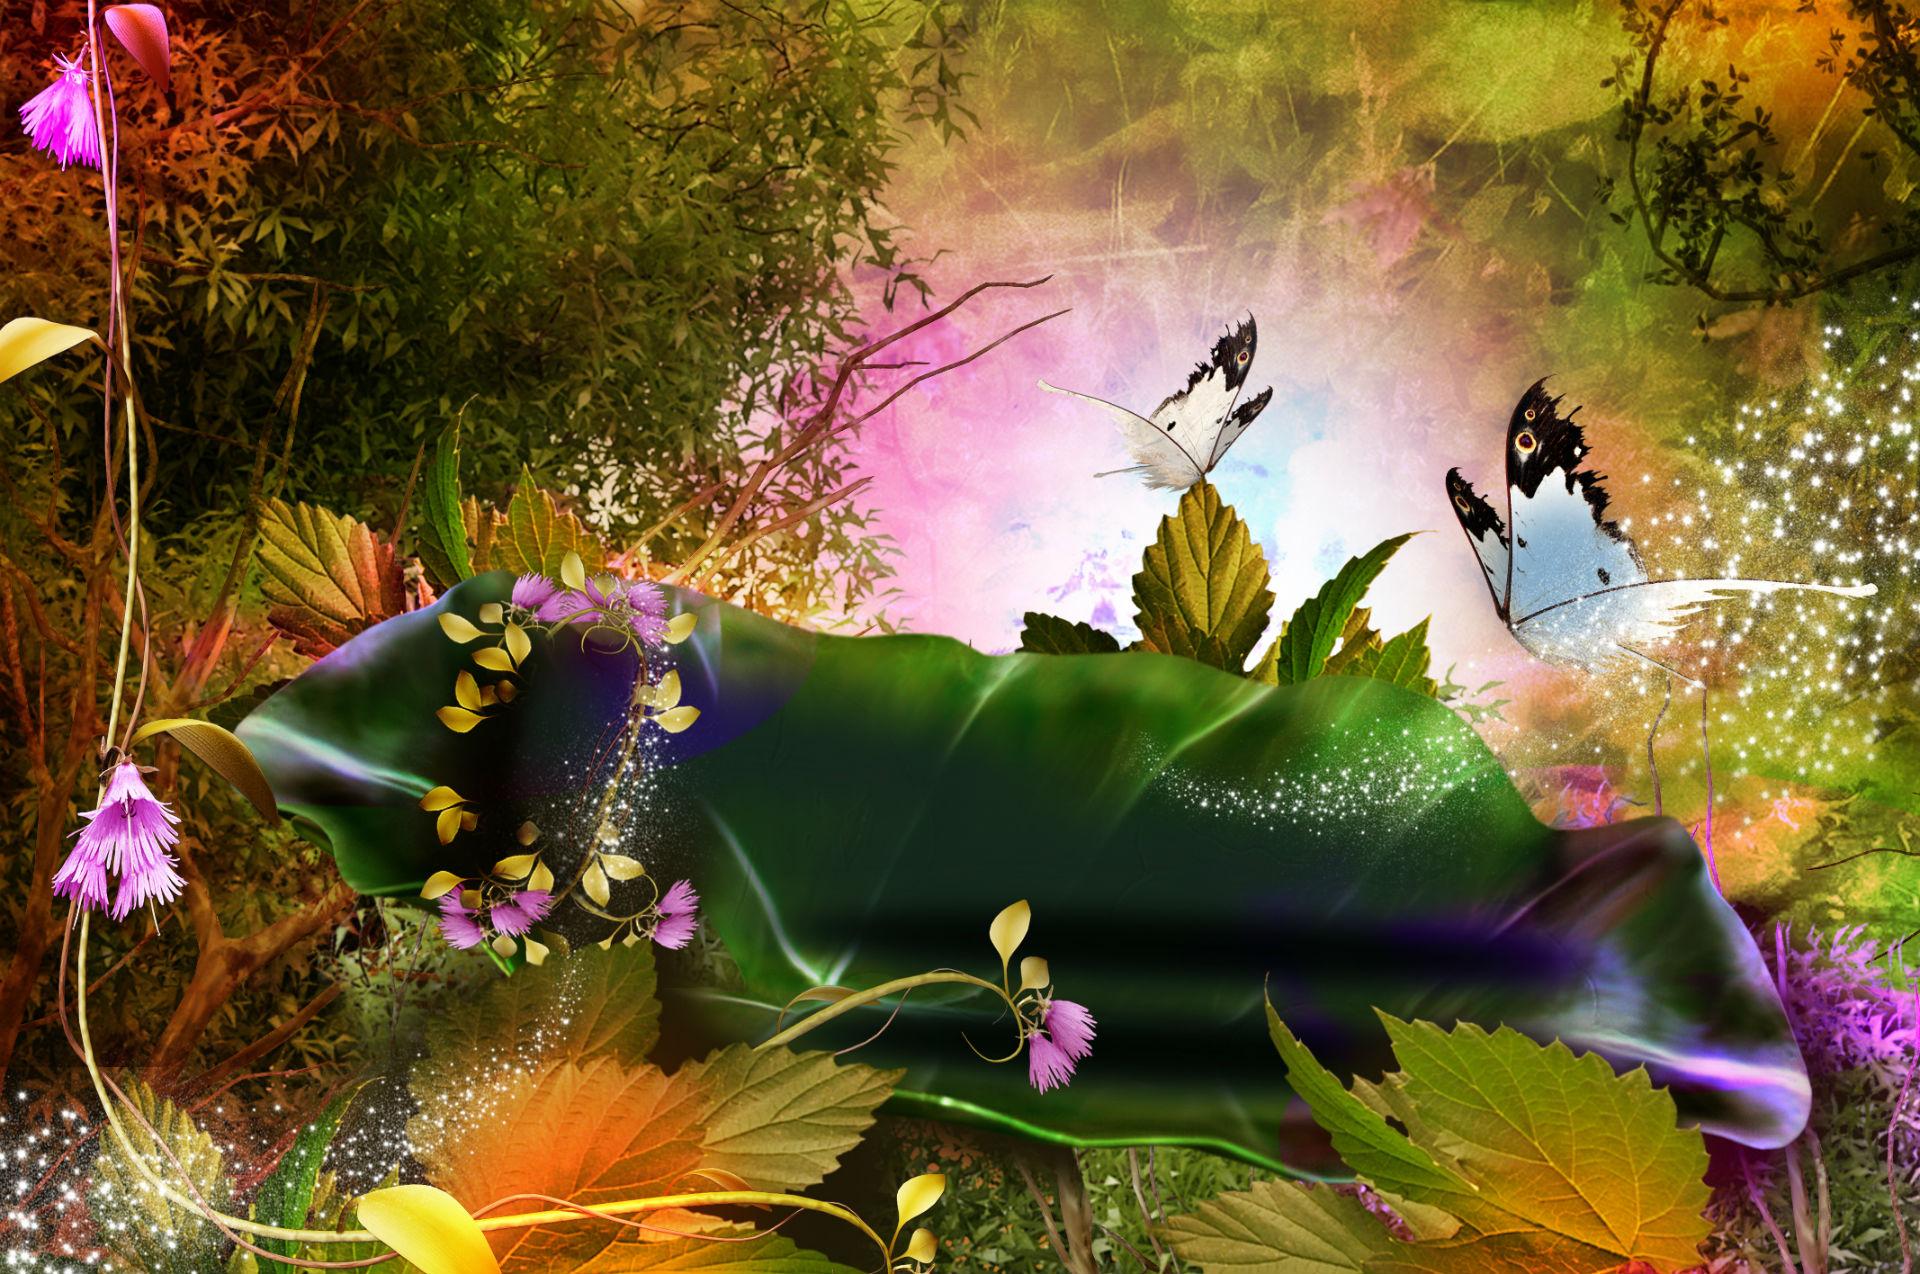 Flower Nature Wallpaper Hd 3d ...